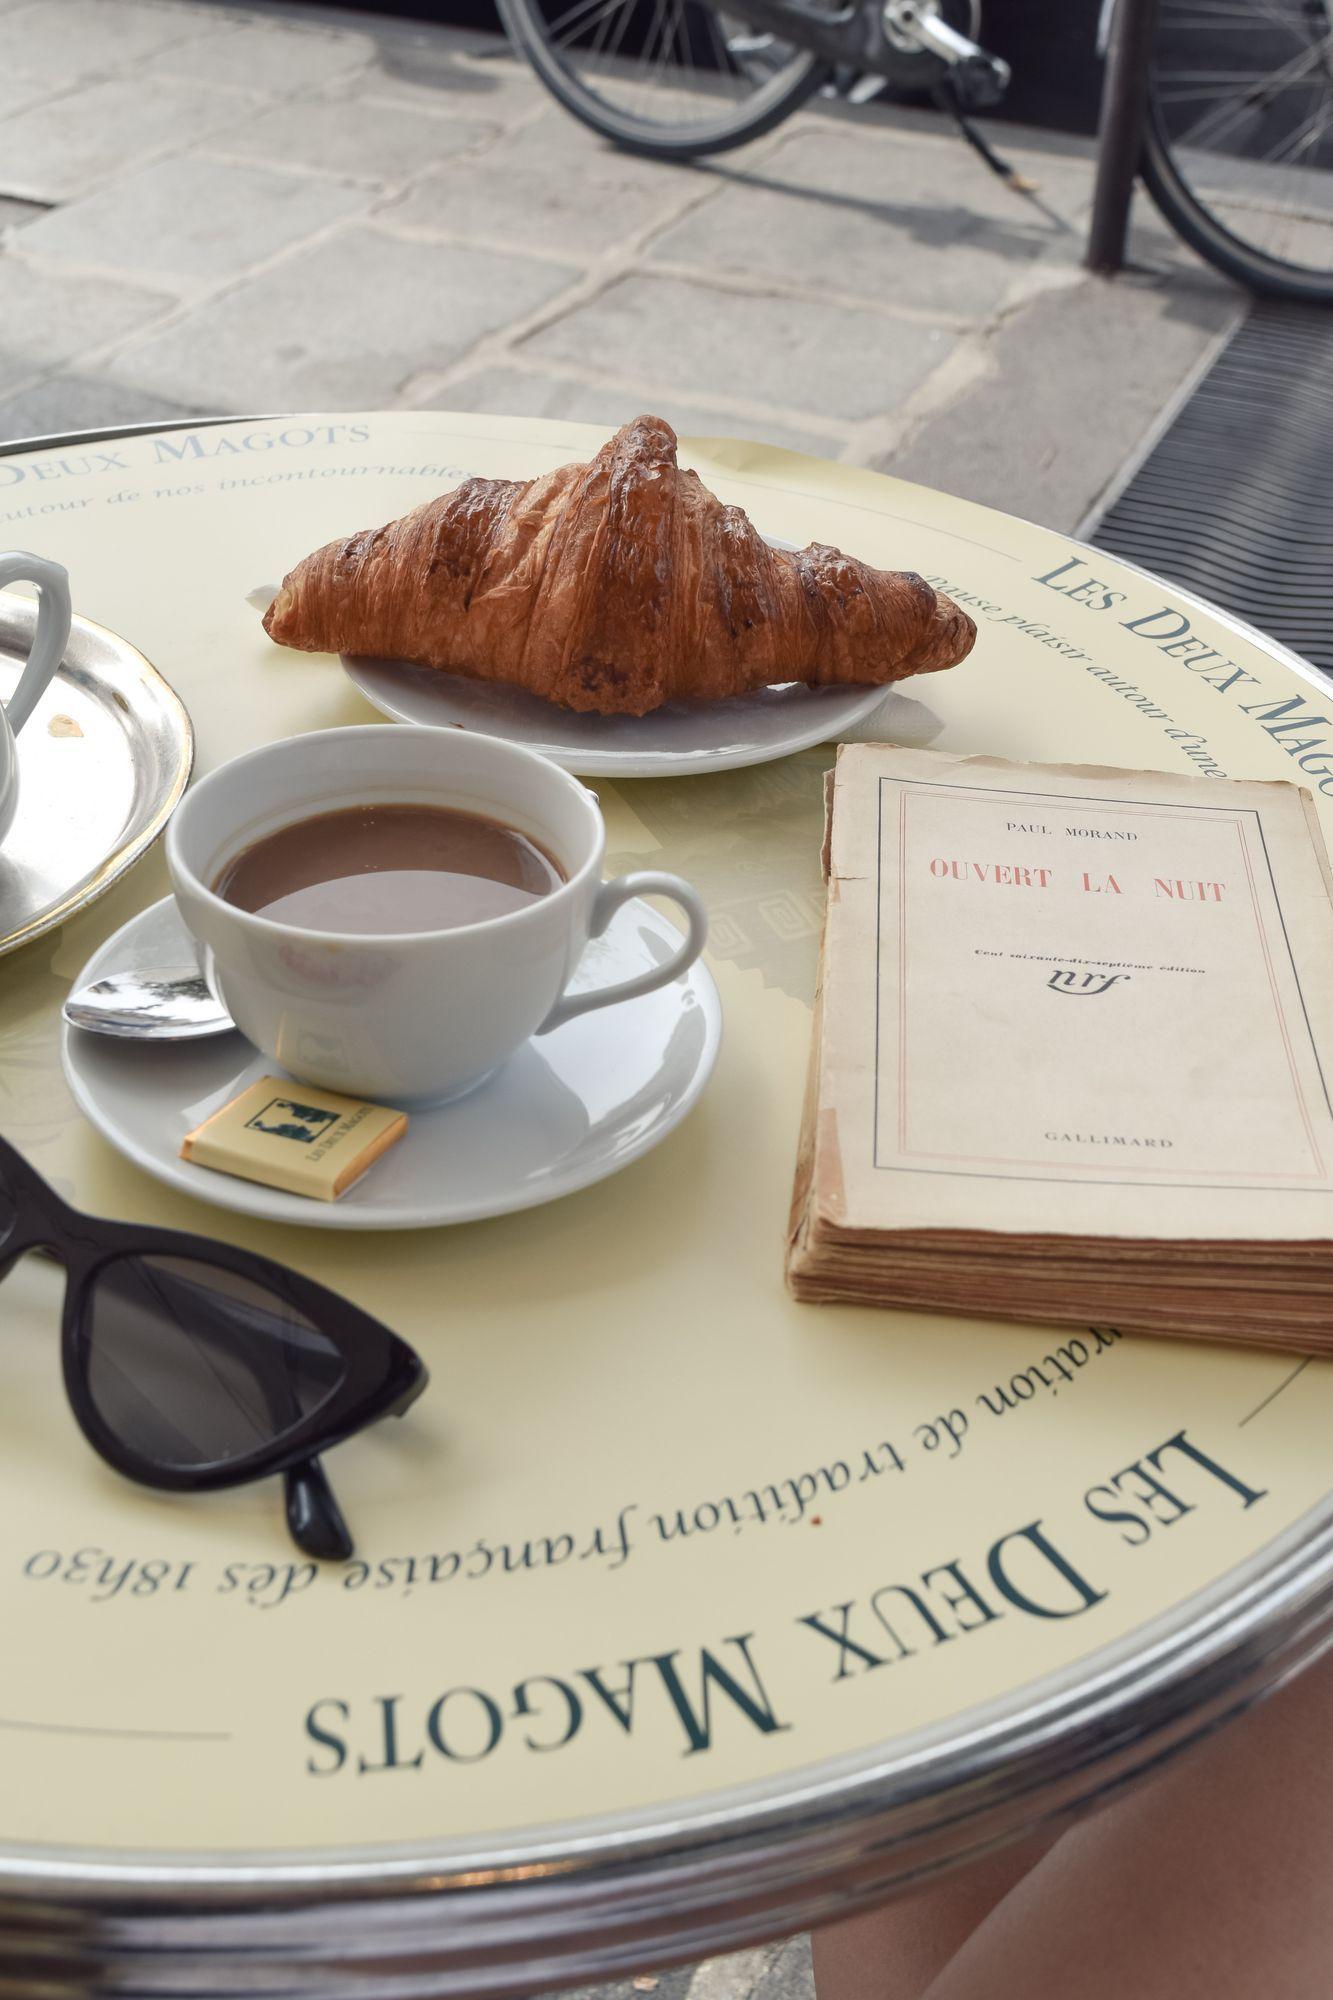 Les Deux Magots Café in Saint Germain, Paris